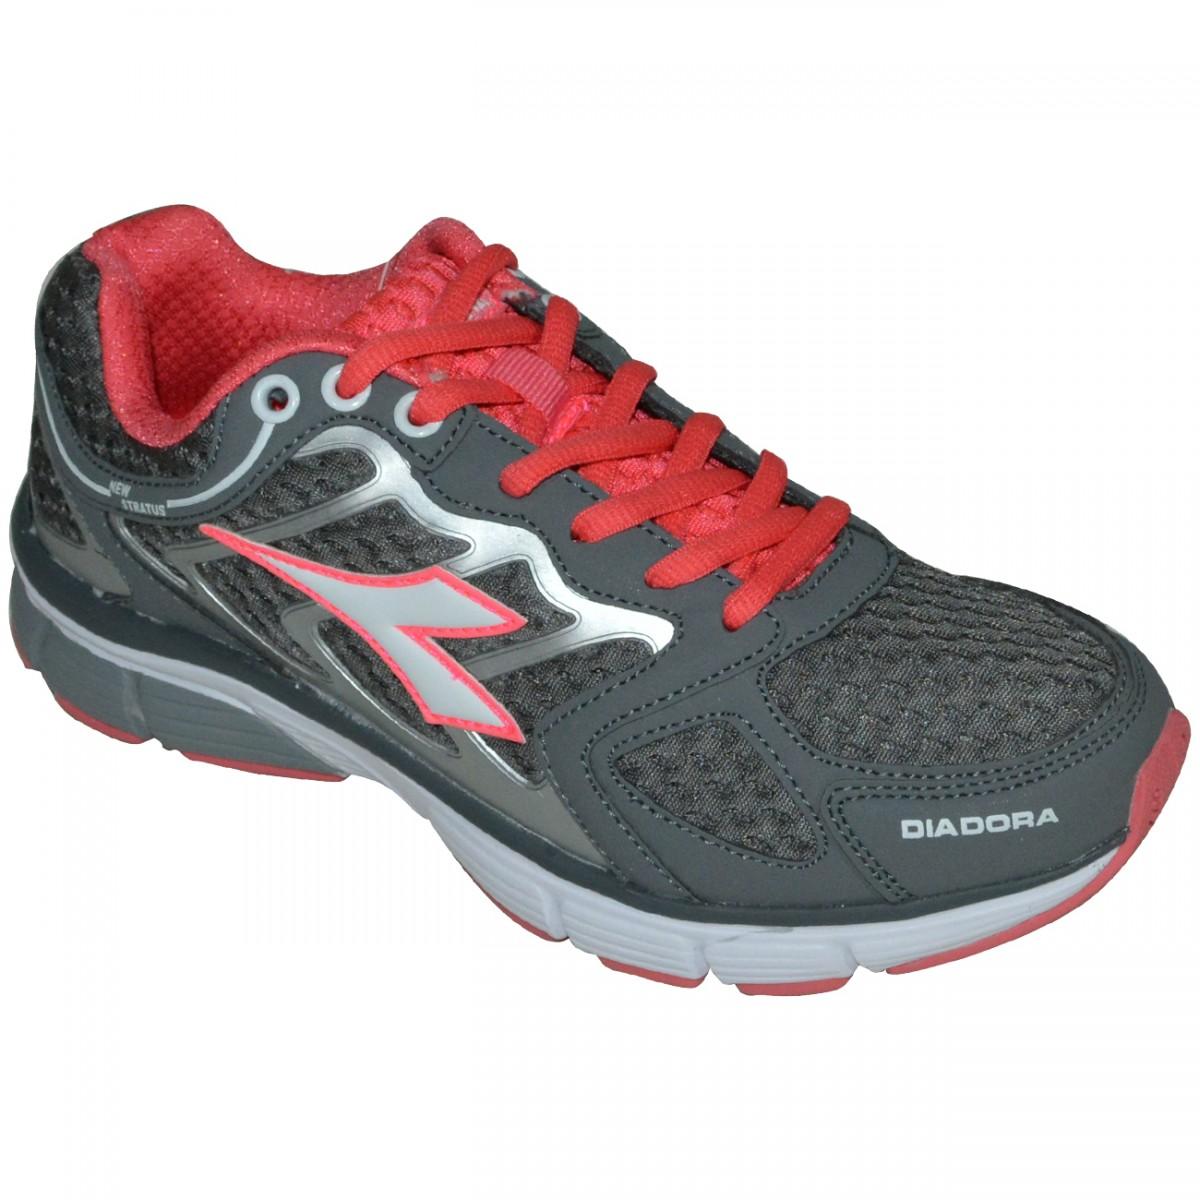 Tenis Diadora New Stratus 125700 C0393 - Grafite Rosa - Chuteira Nike c67fd278209